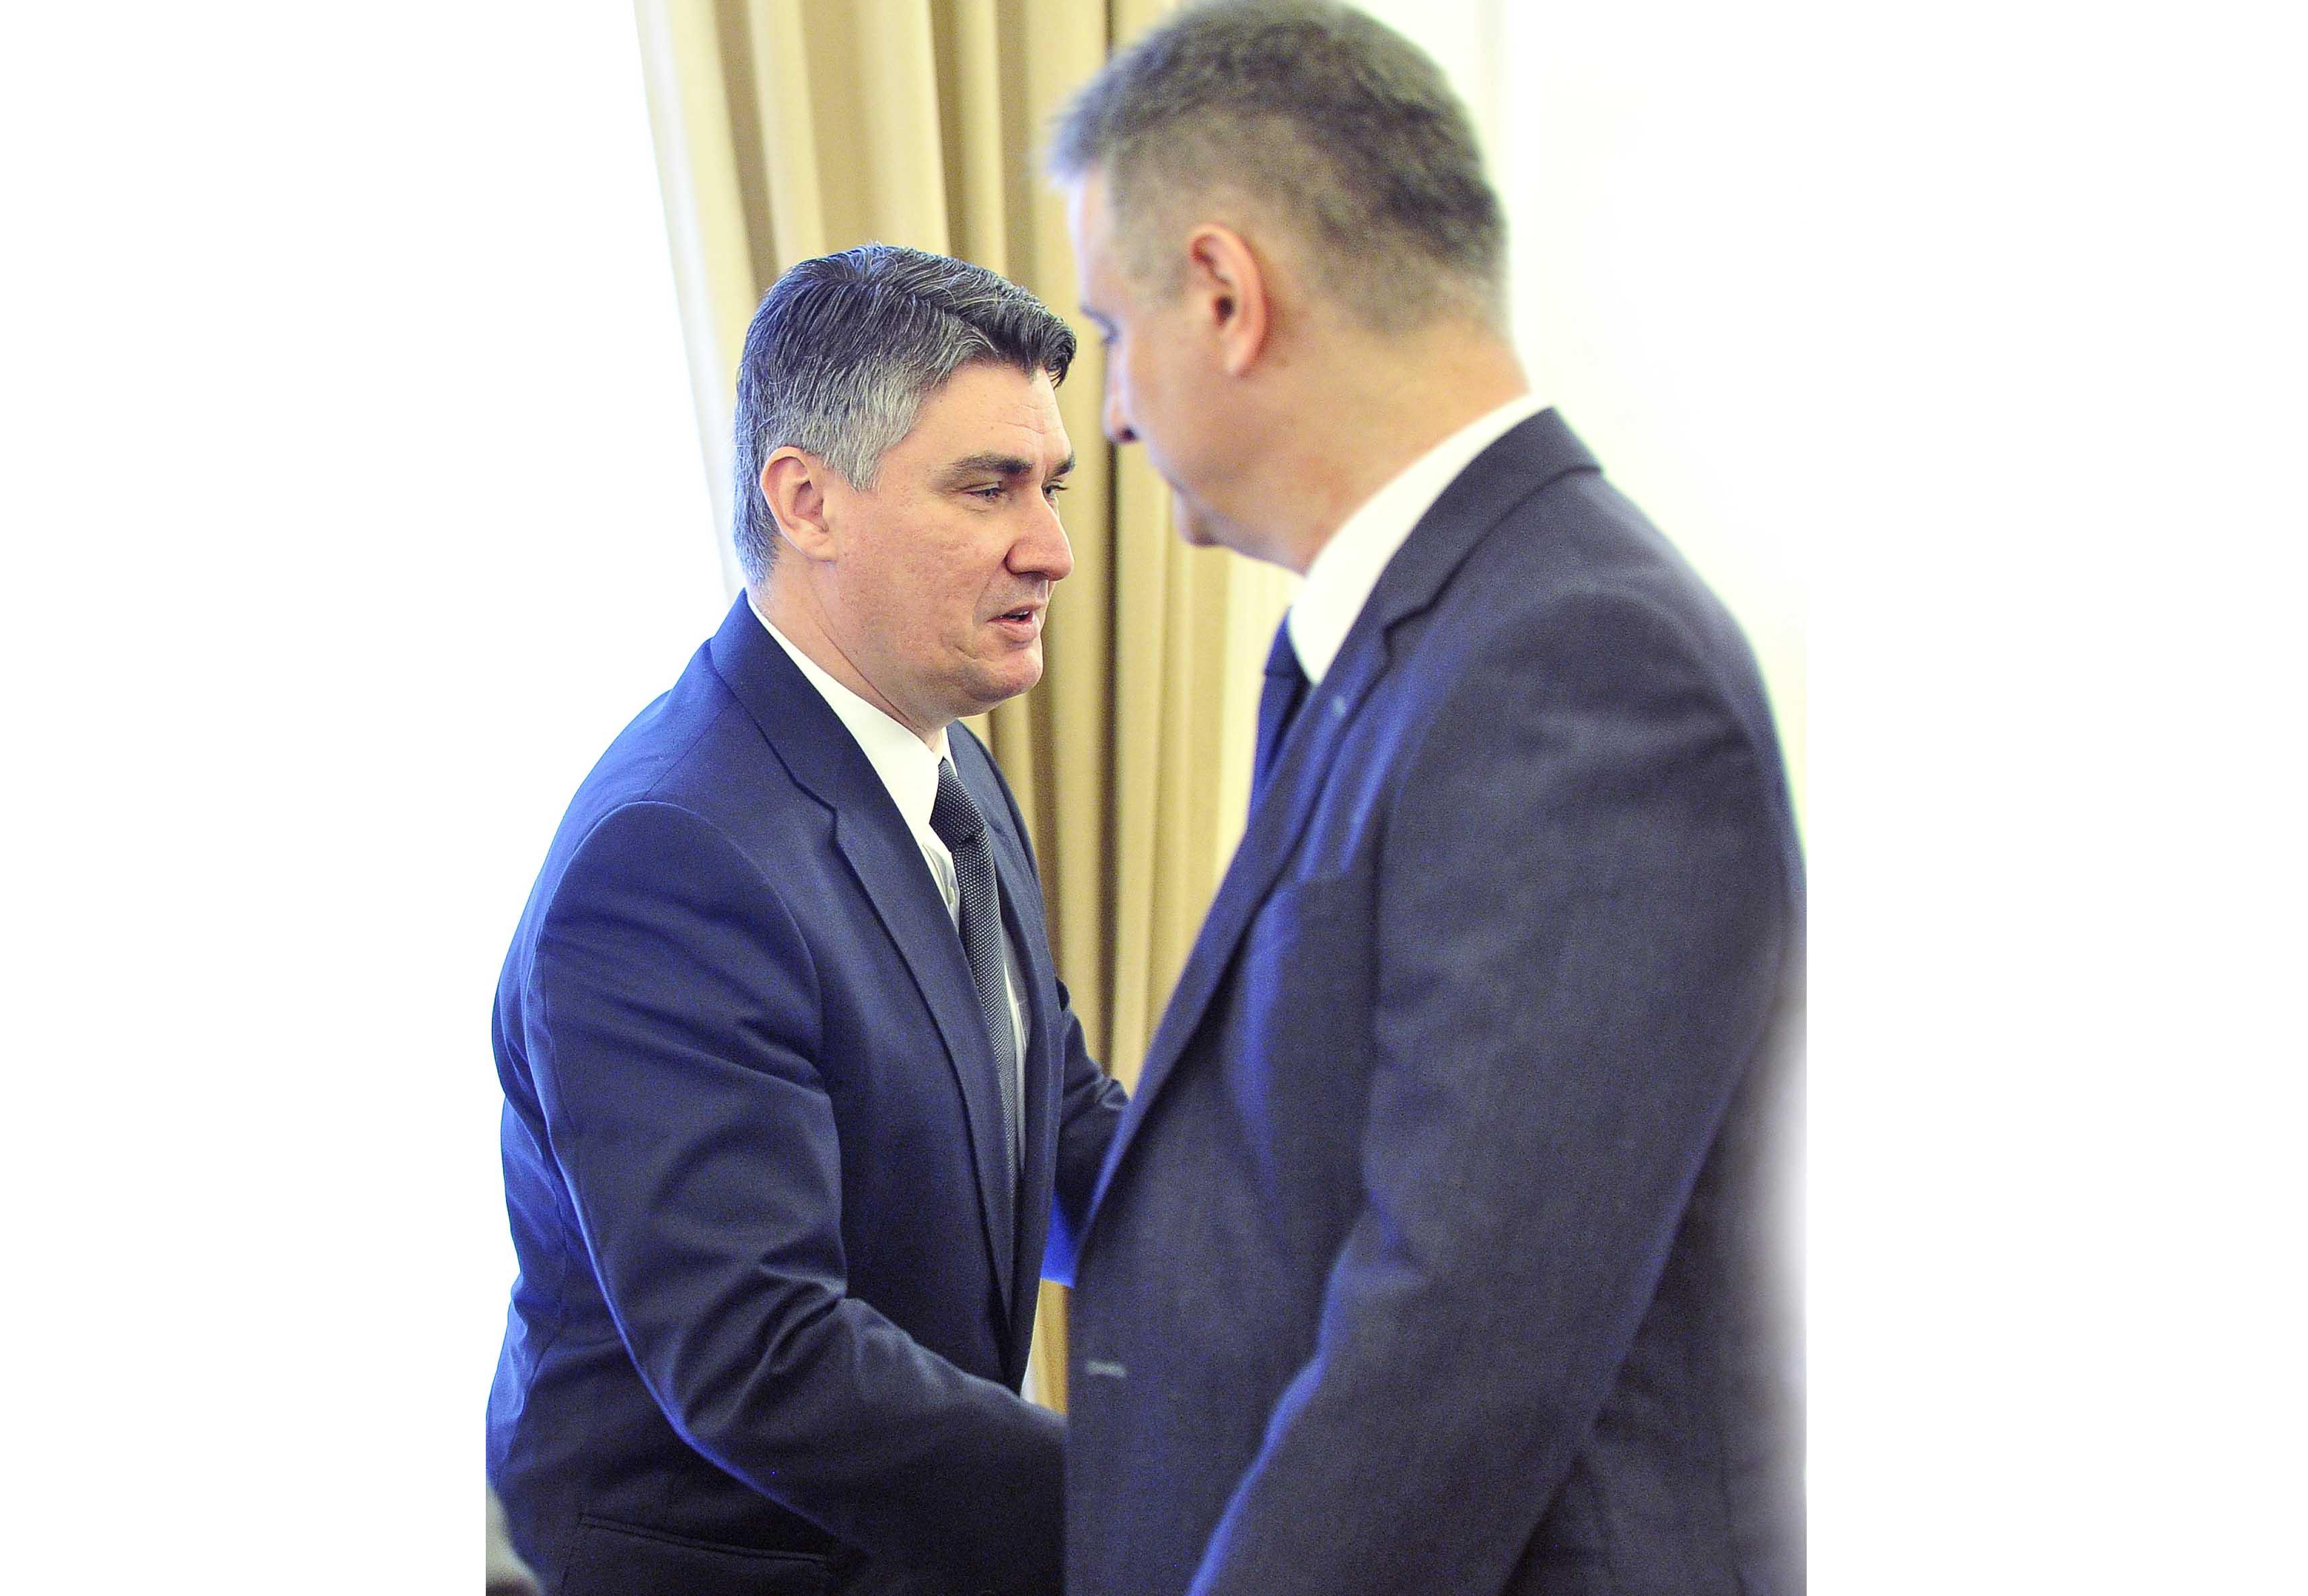 Jesu li Karamarko i Milanović svjesni da uništavaju   narod i državu?